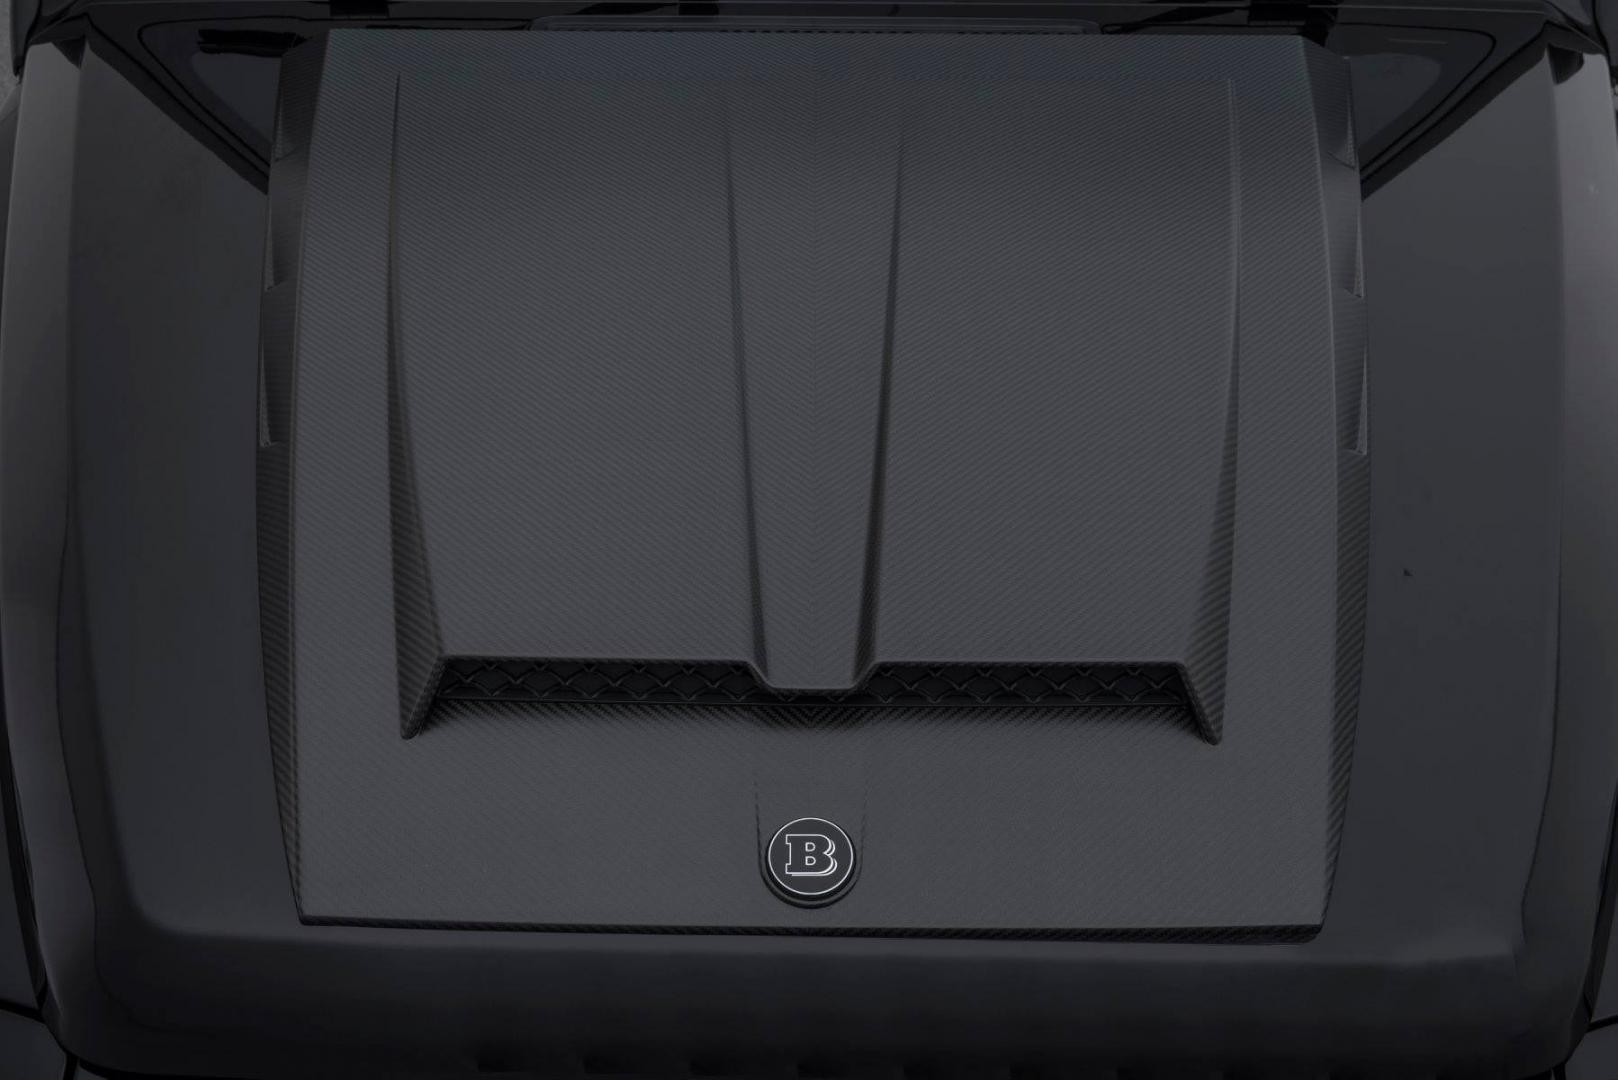 Brabus G 500